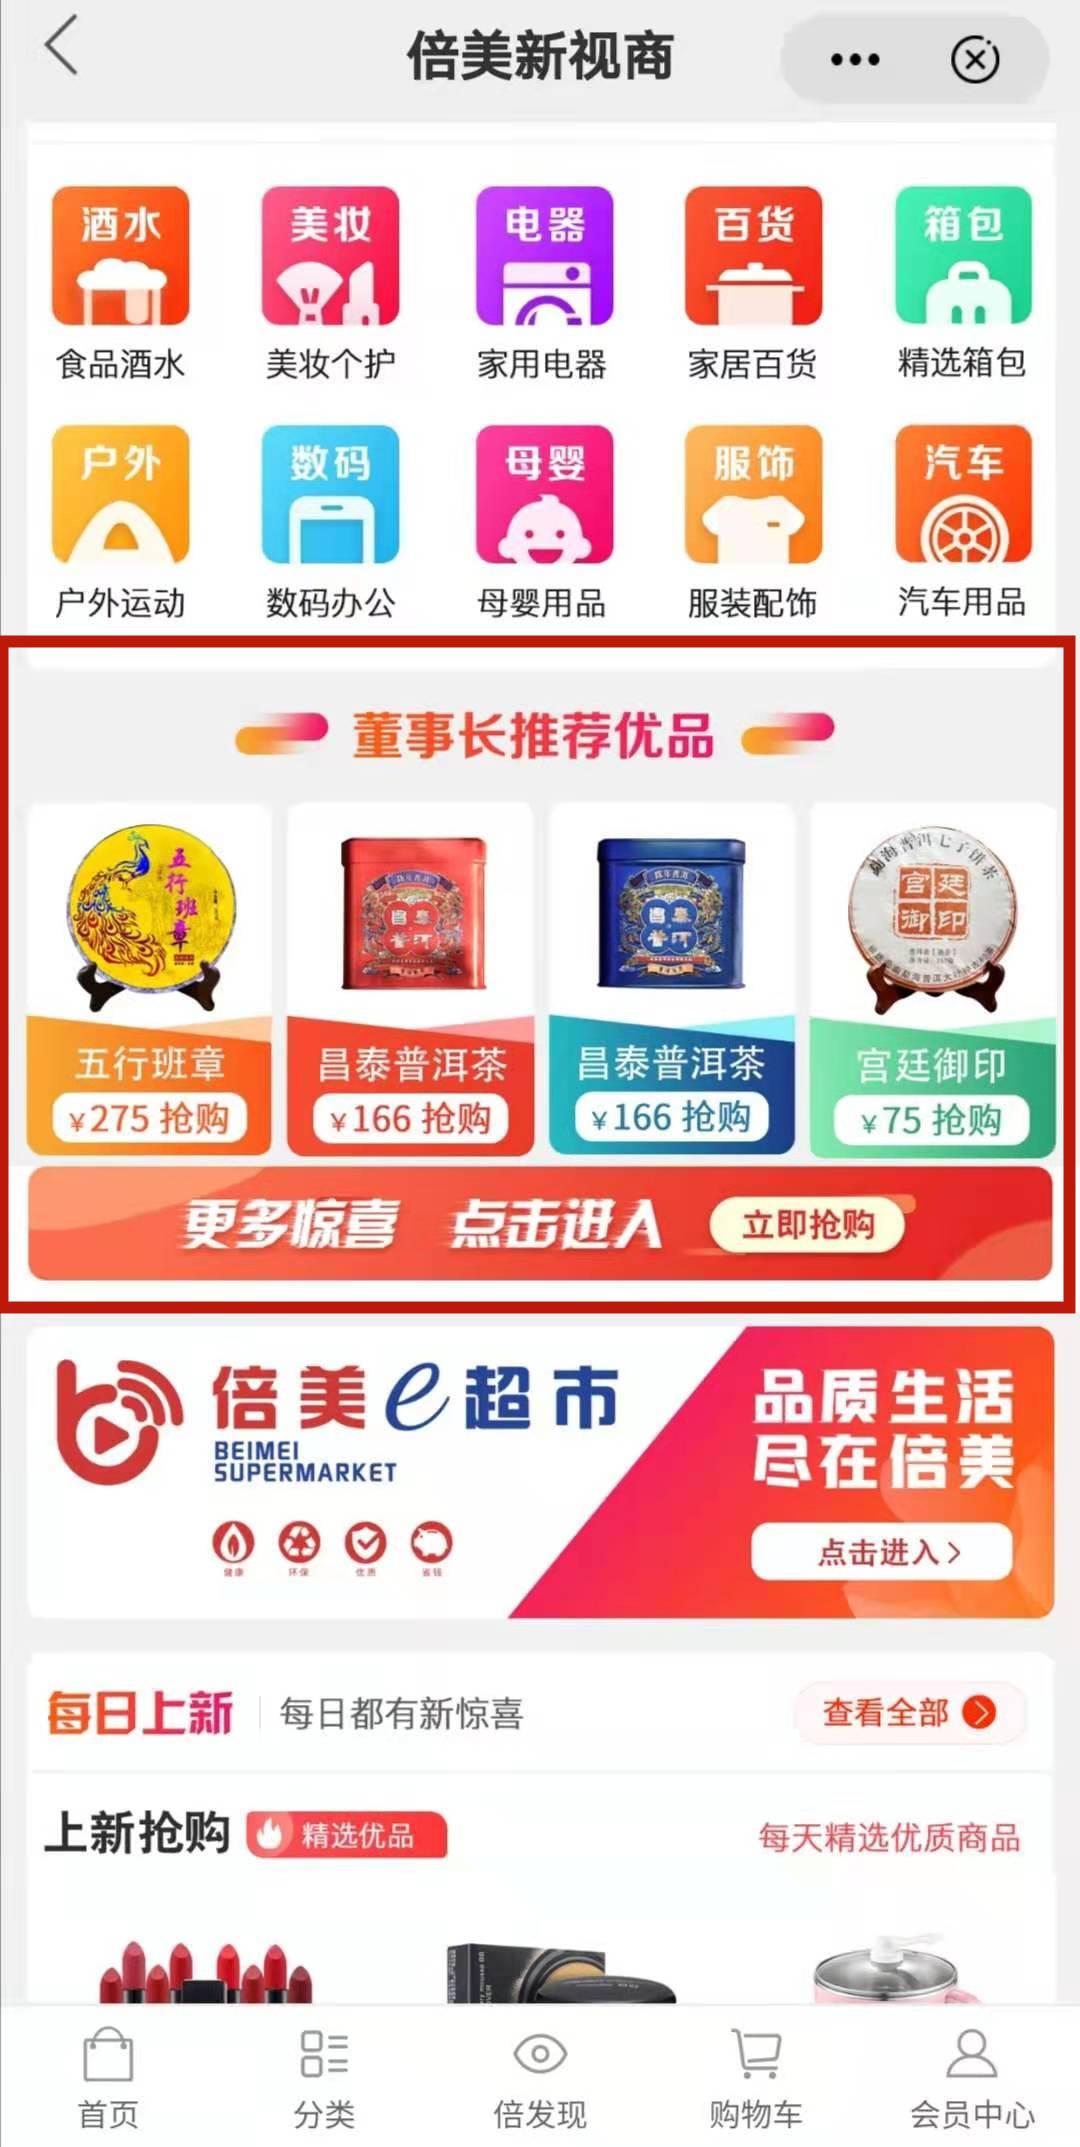 倍美商城【董事长推荐位】阿玛尼腕表全网价格优势明显!